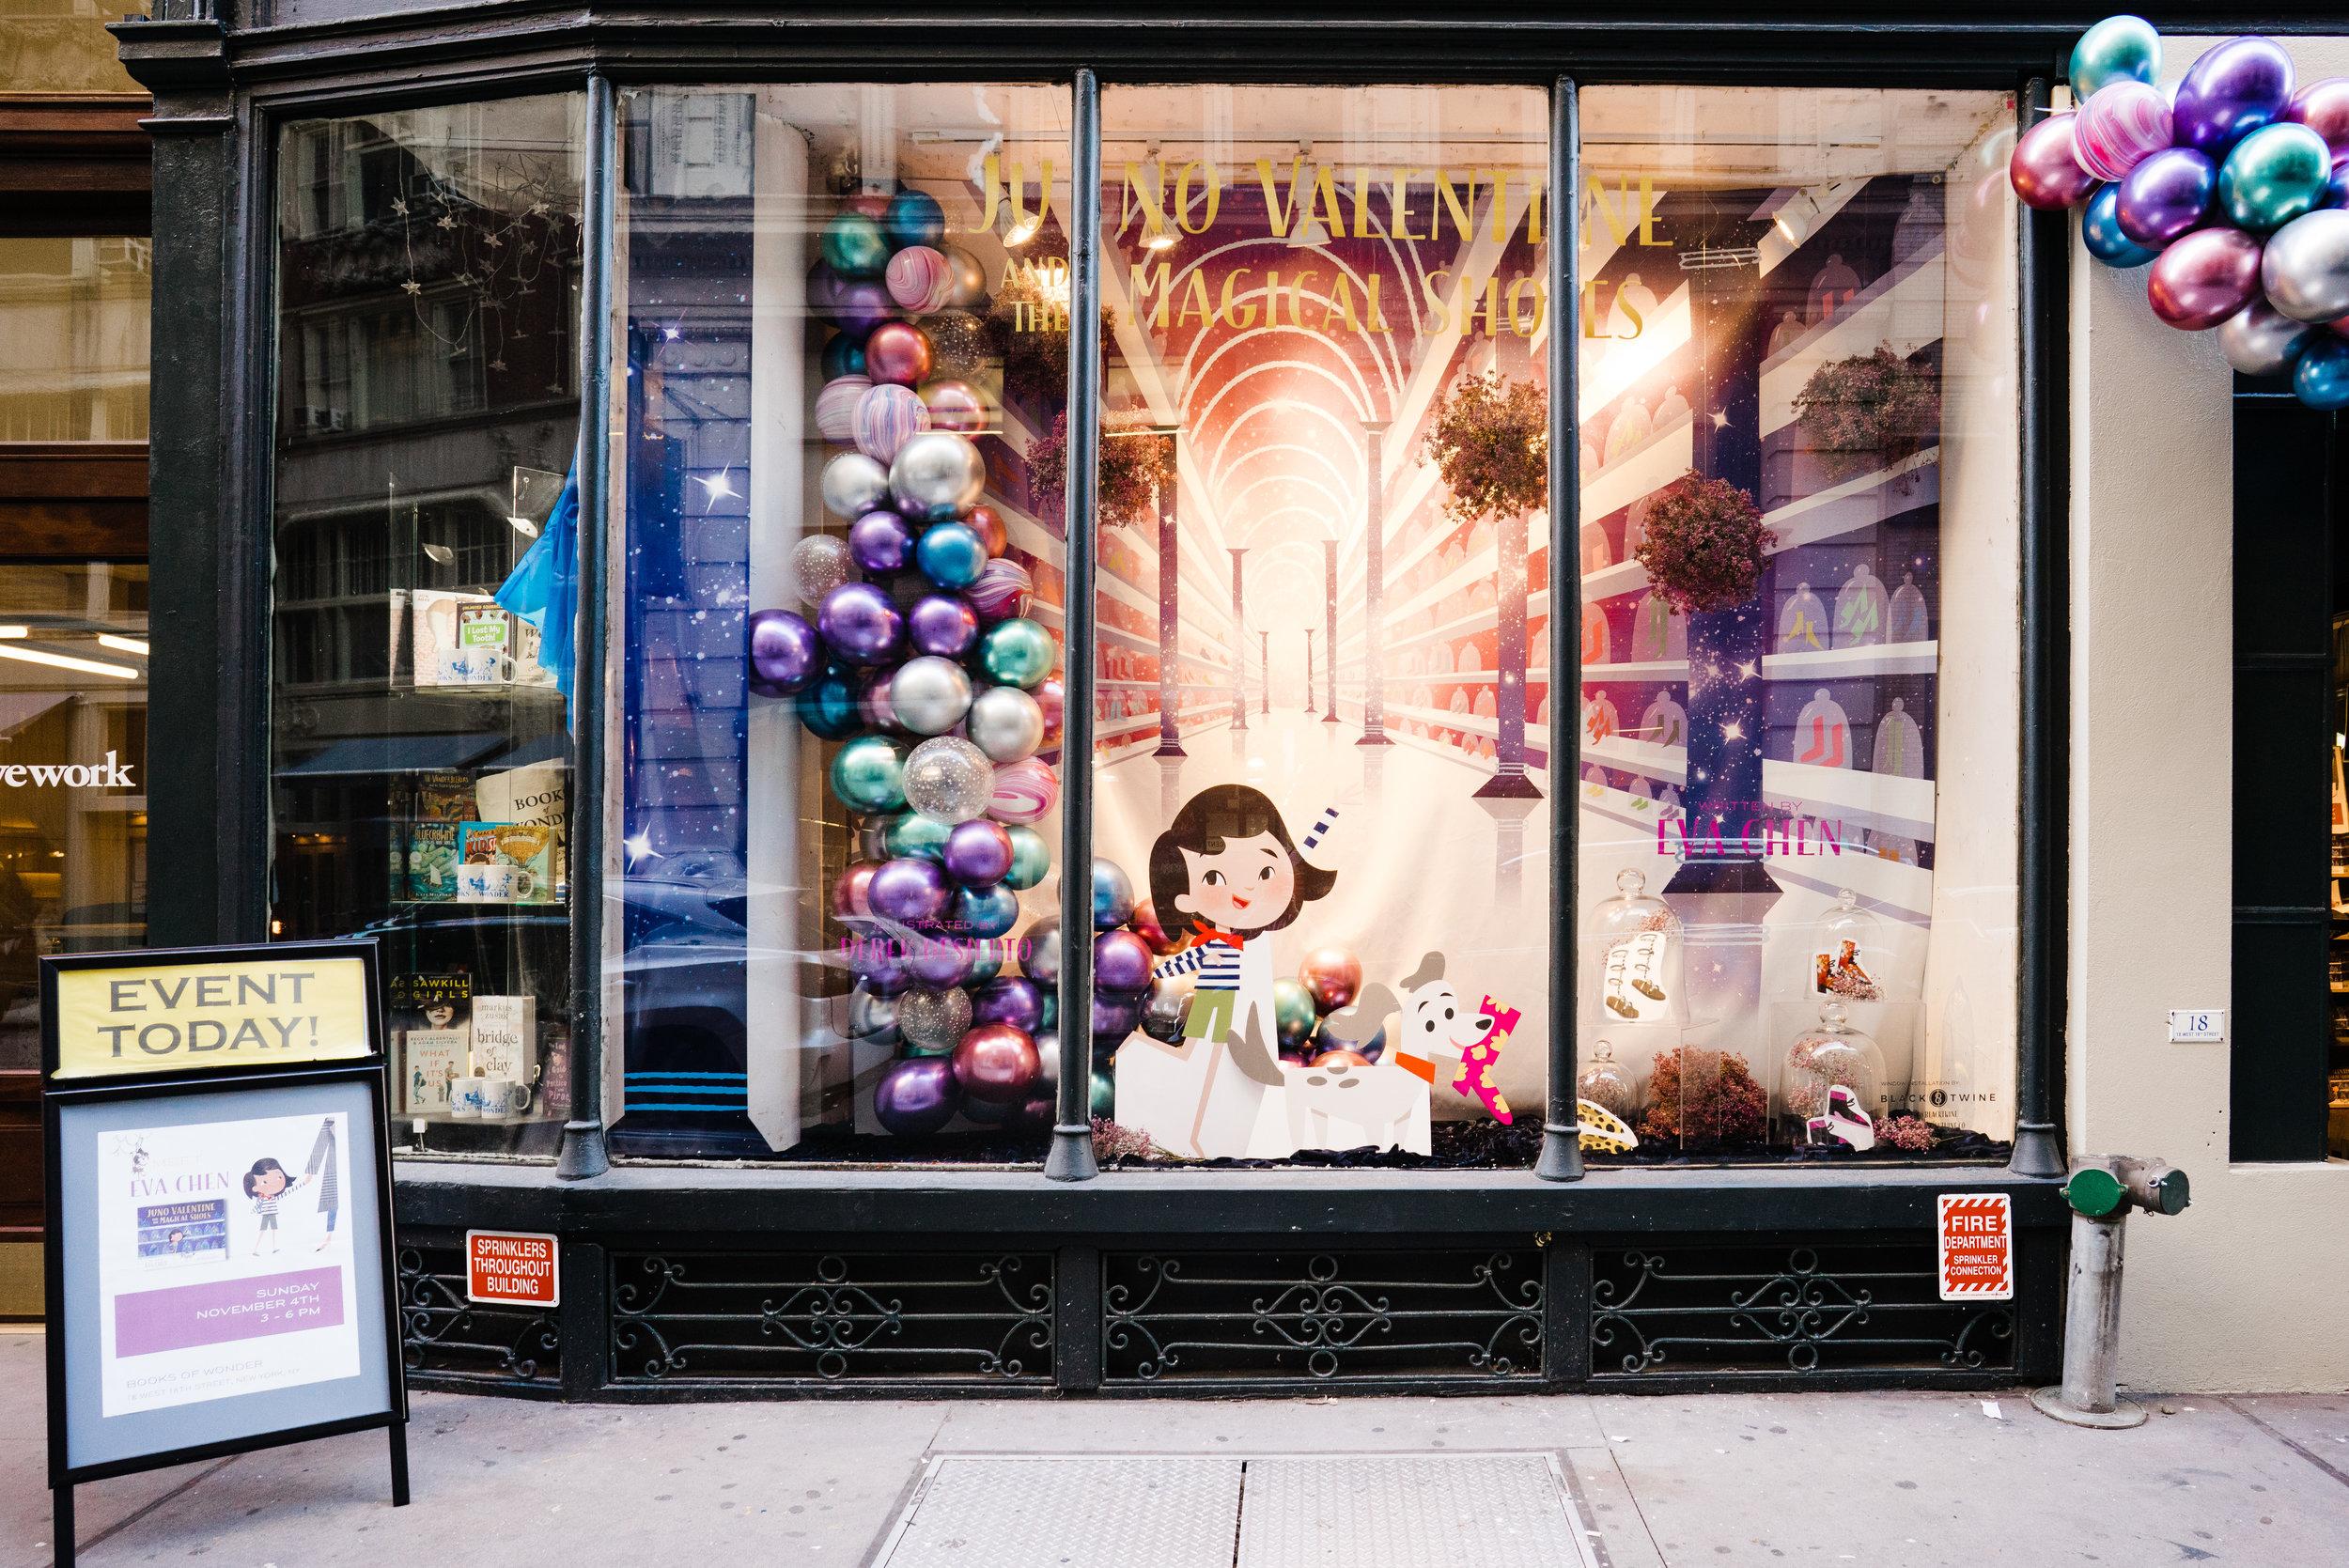 Juno valentine book launch - Multi-city book tour and live activation for Eva Chen's Juno Valentine